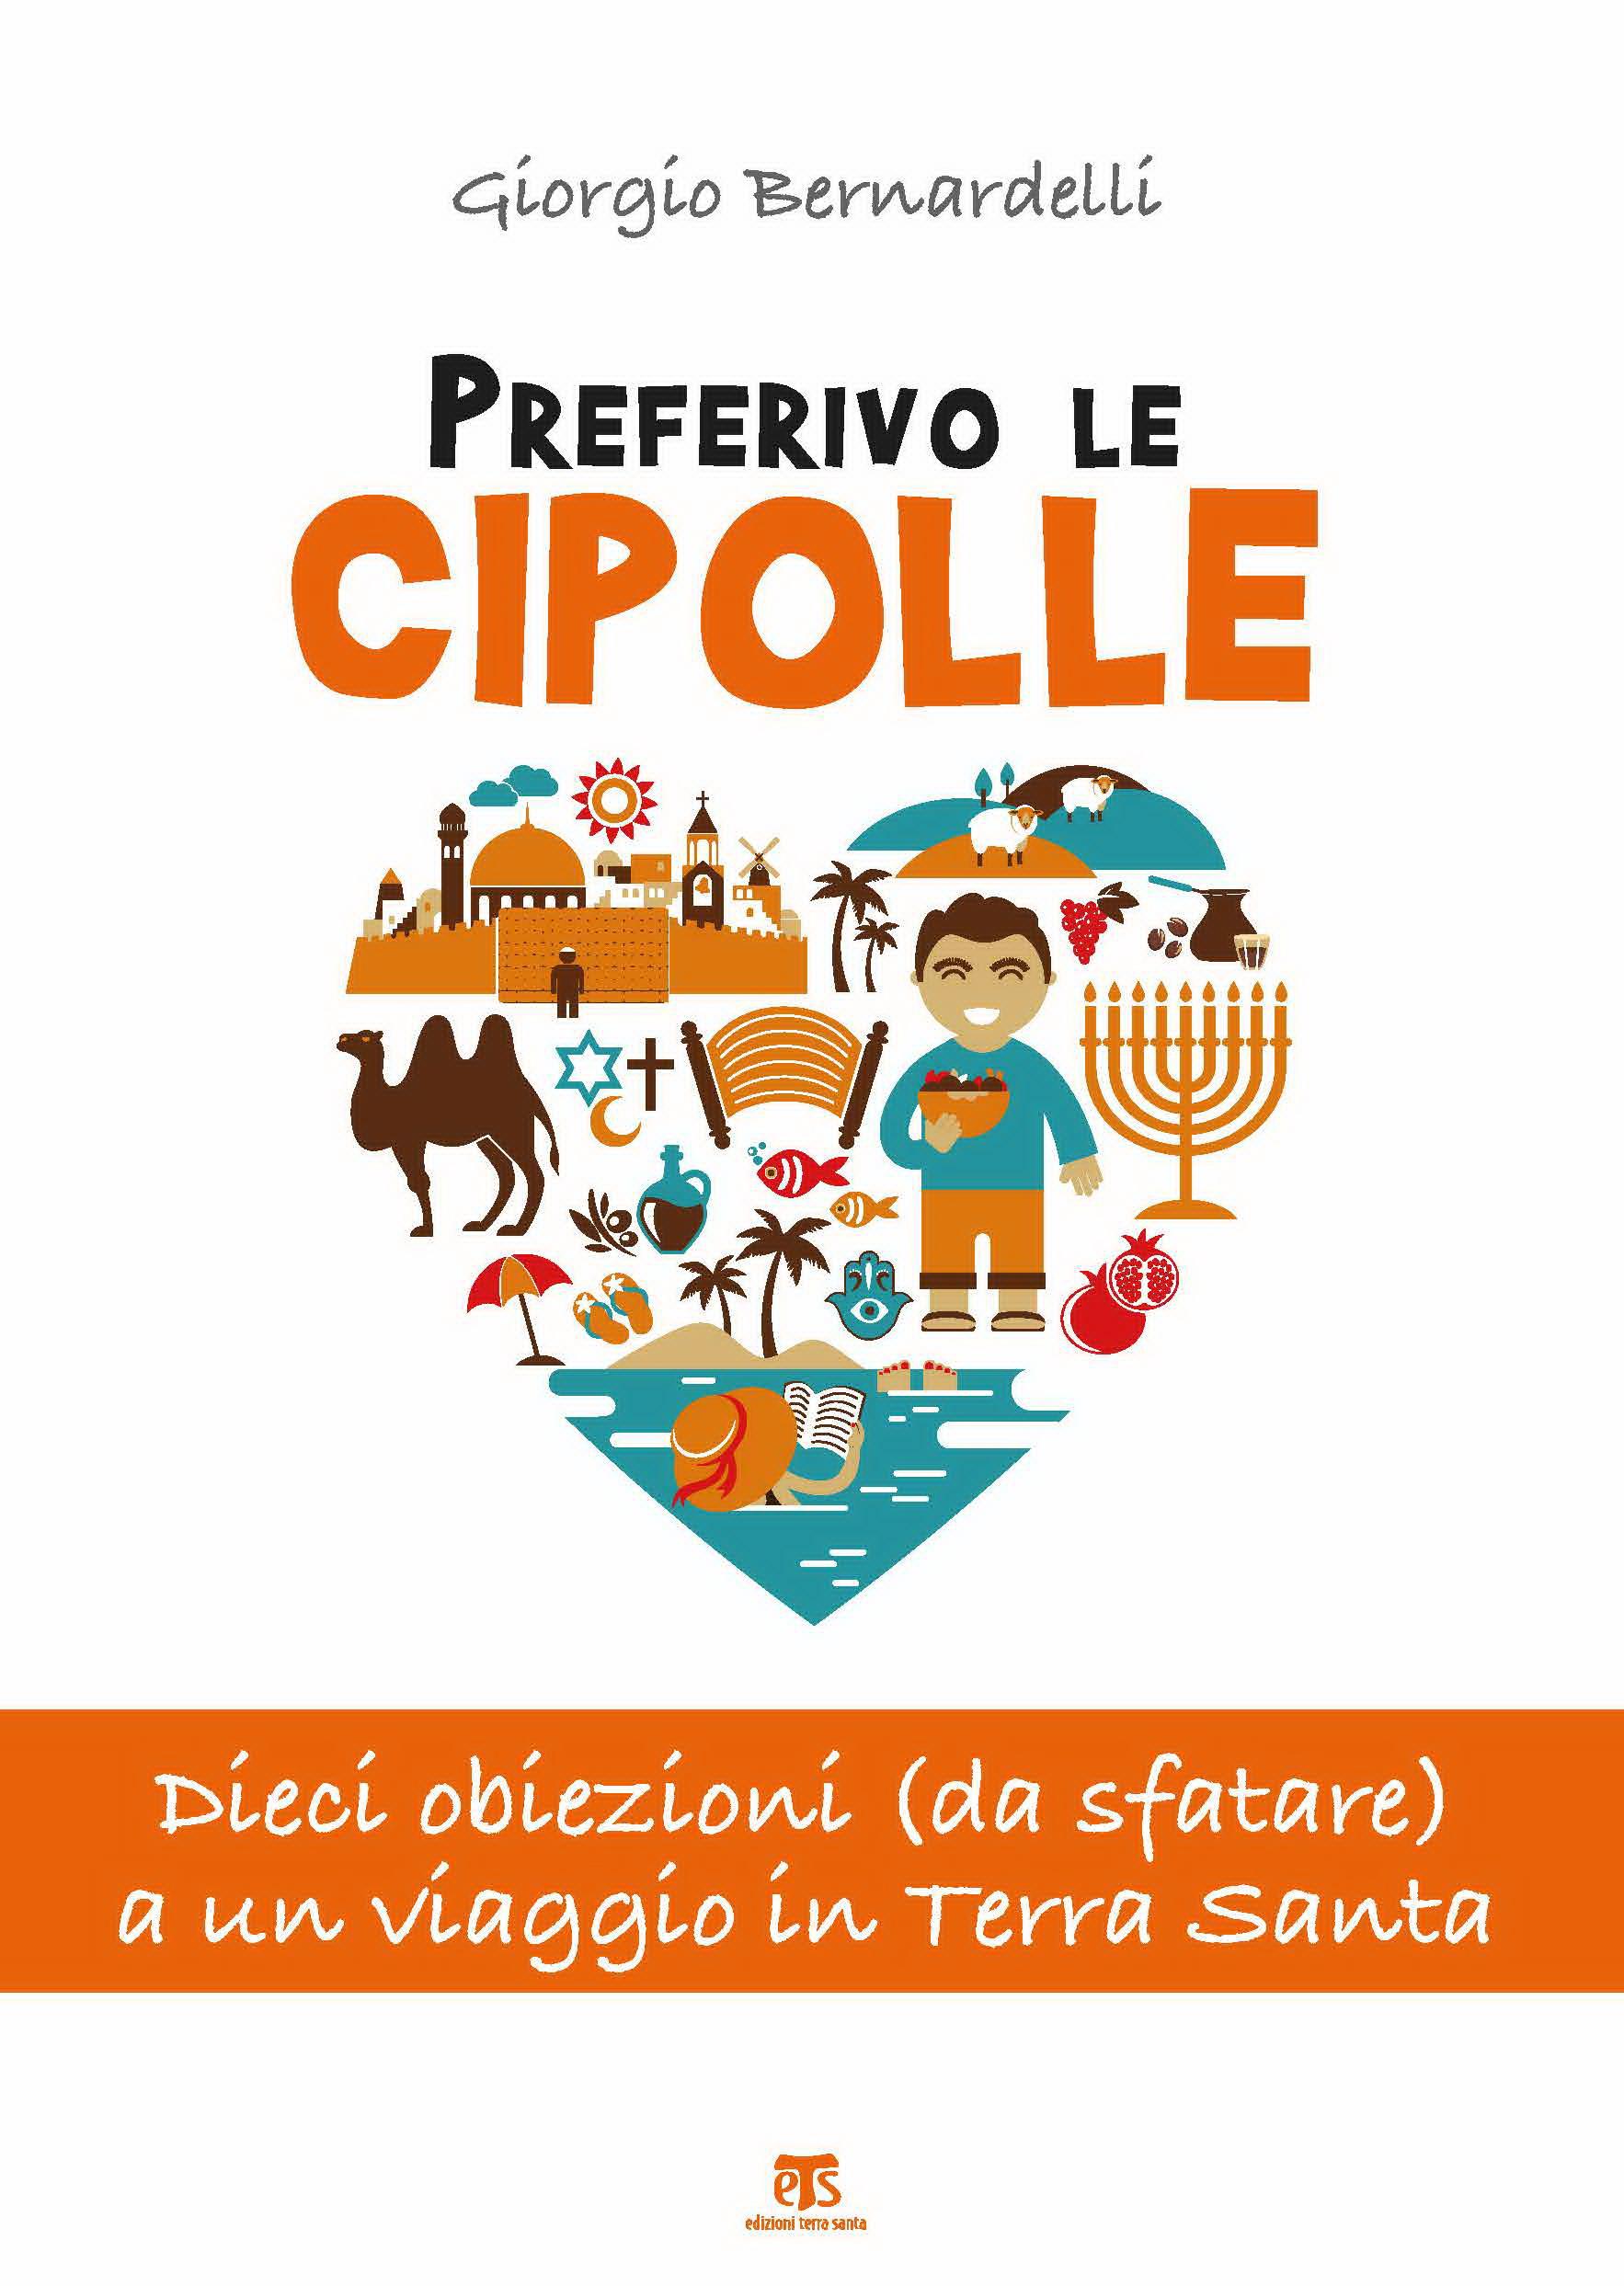 Preferivo_le_cipolle